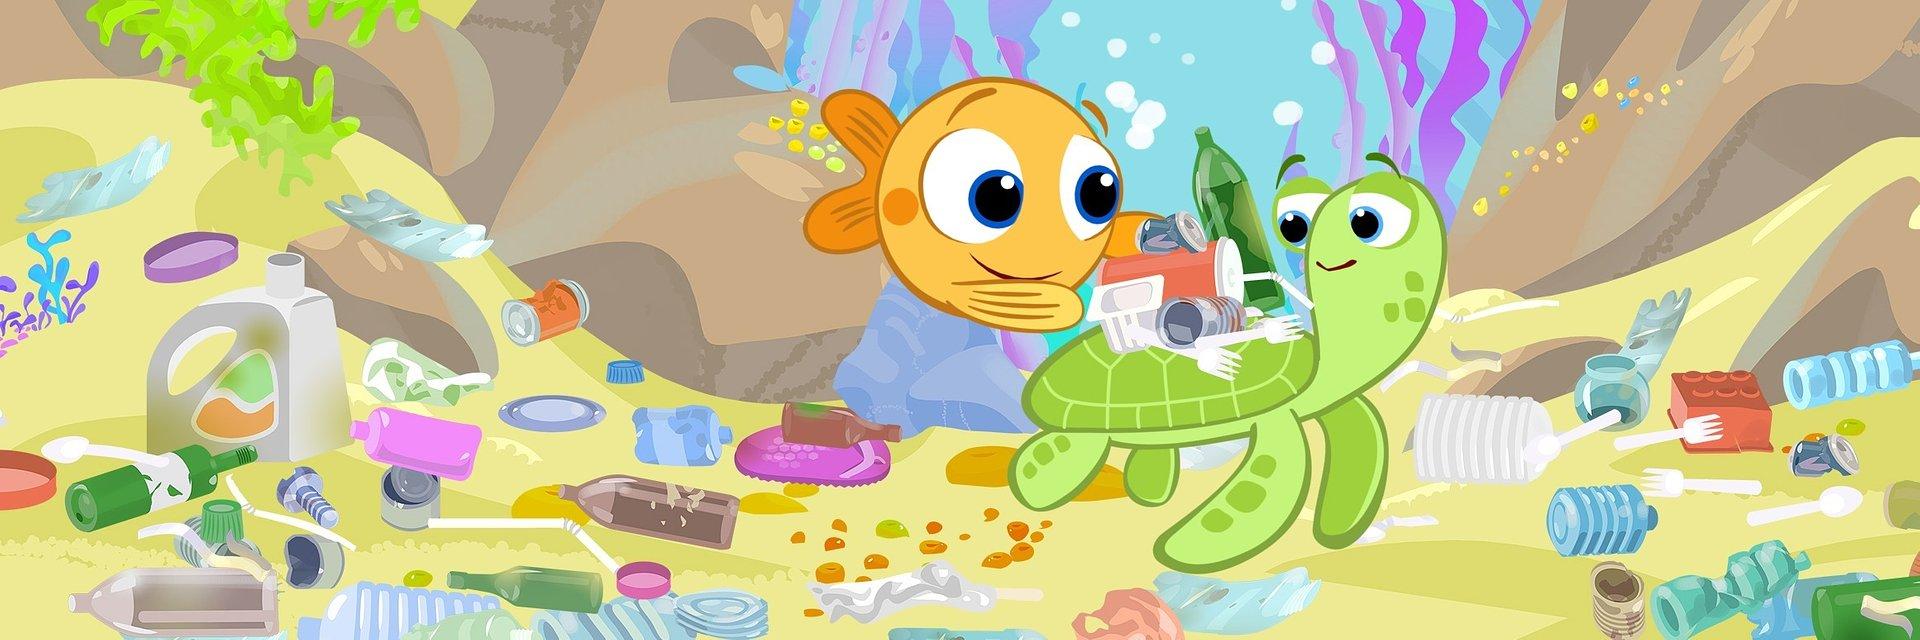 Z okazji Dnia Ziemi Rybka MiniMini uczy dzieci, jak dbać o środowisko.